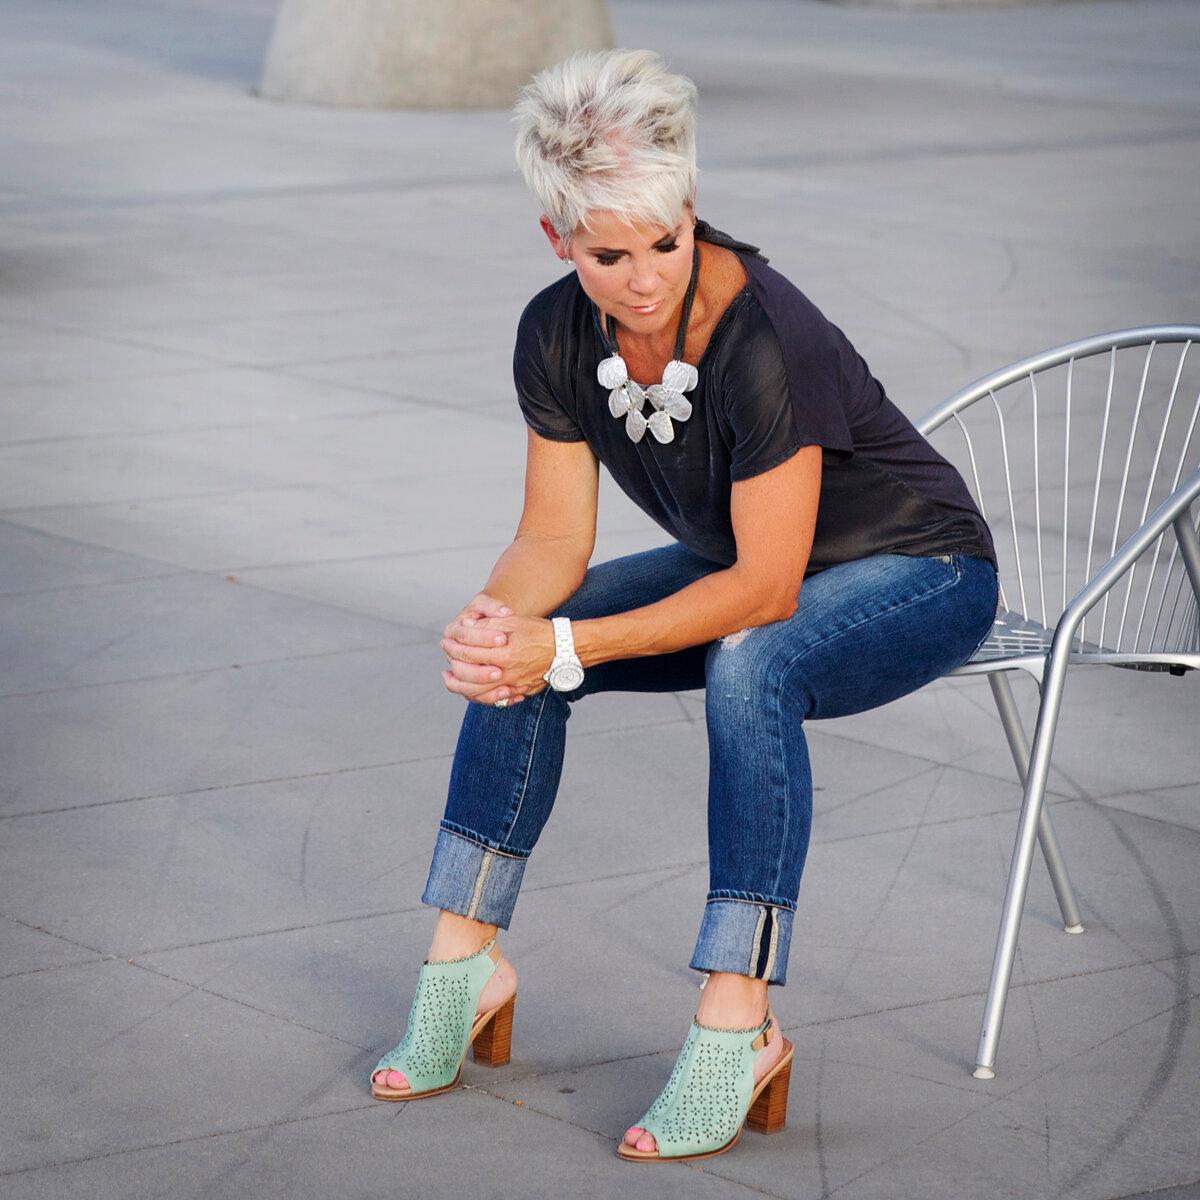 3 основные ошибки при ношении джинсов, которые совершают женщины